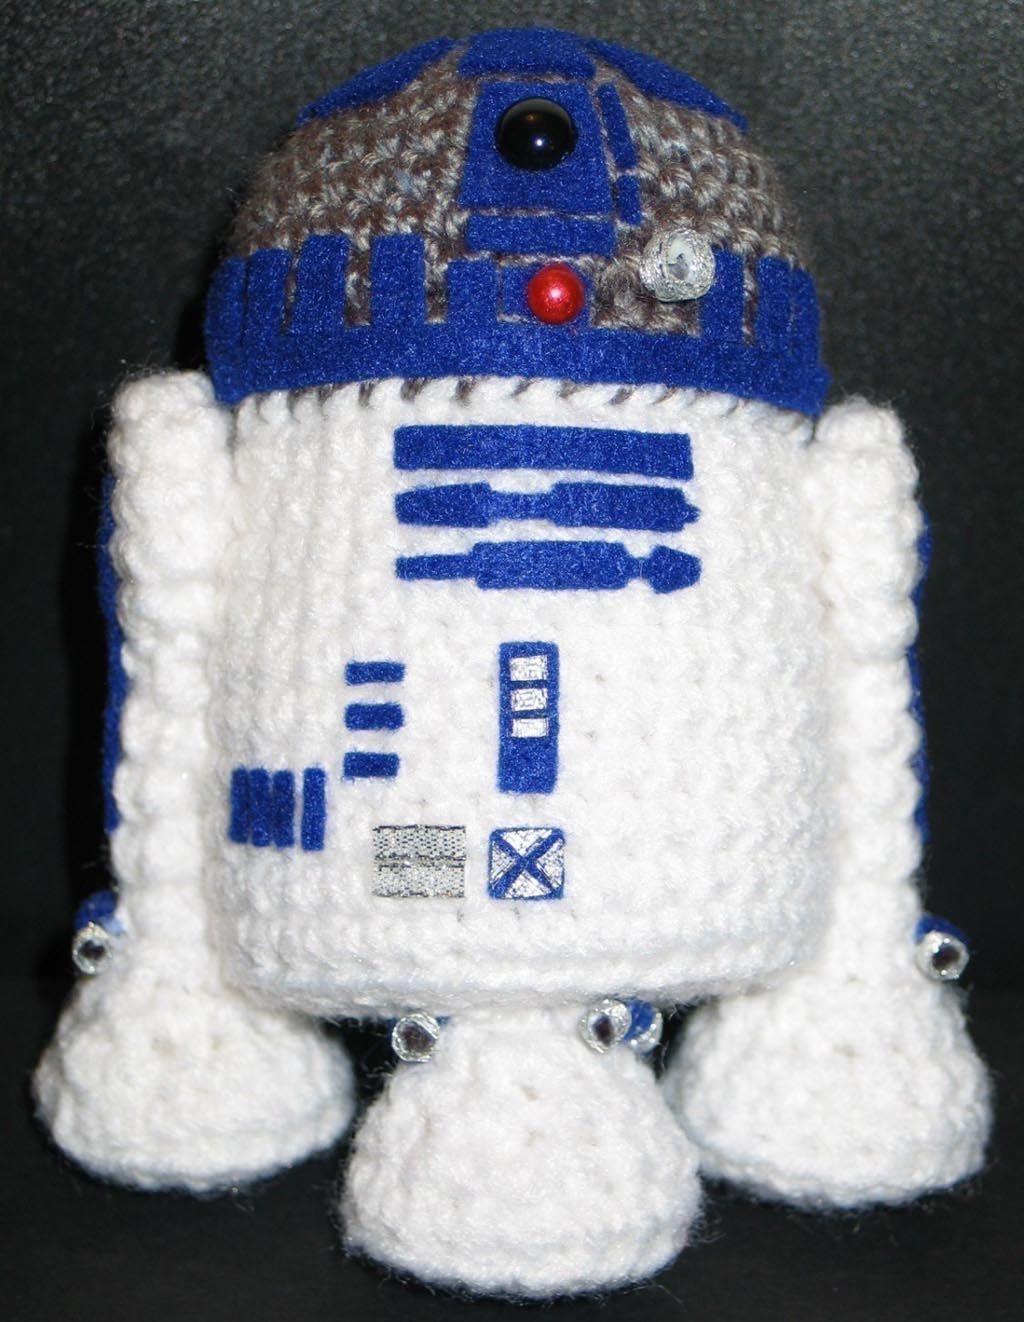 Make Your Own Star Wars R2-D2 Amigurumi | Guerra de las galaxias ...